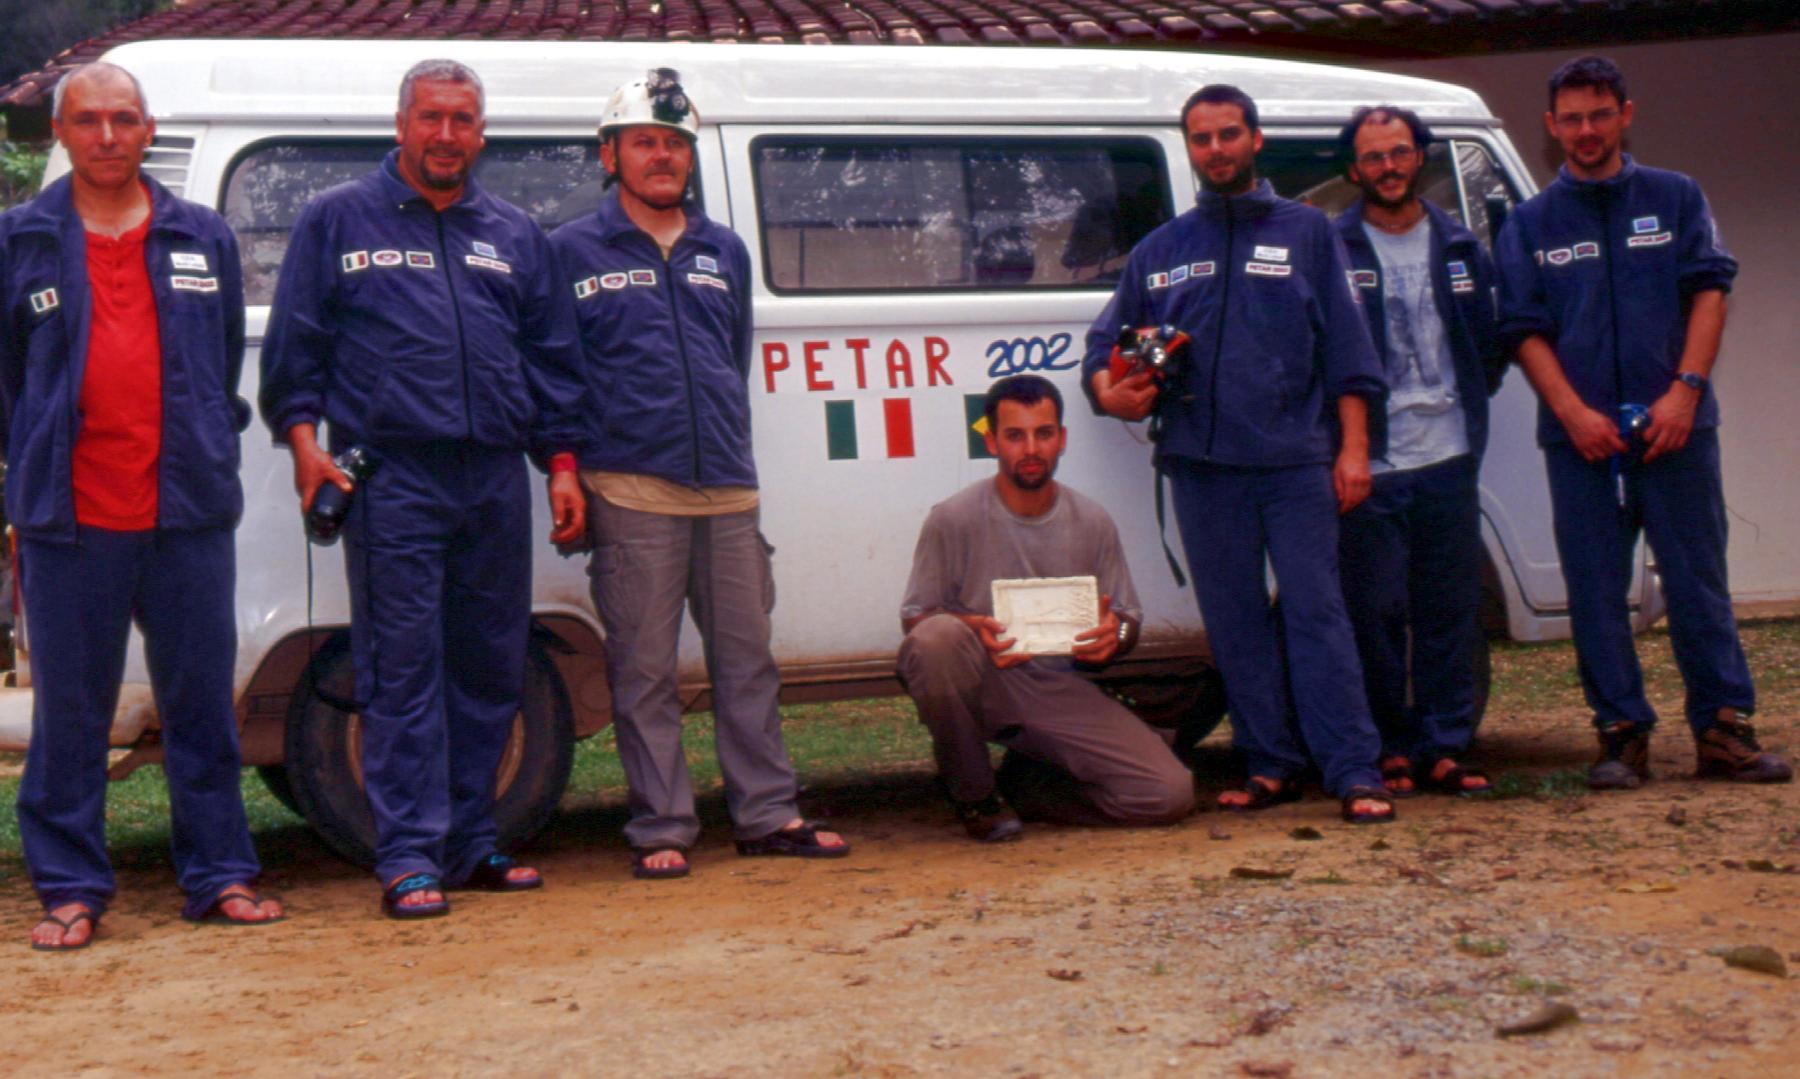 2002_Petar_55